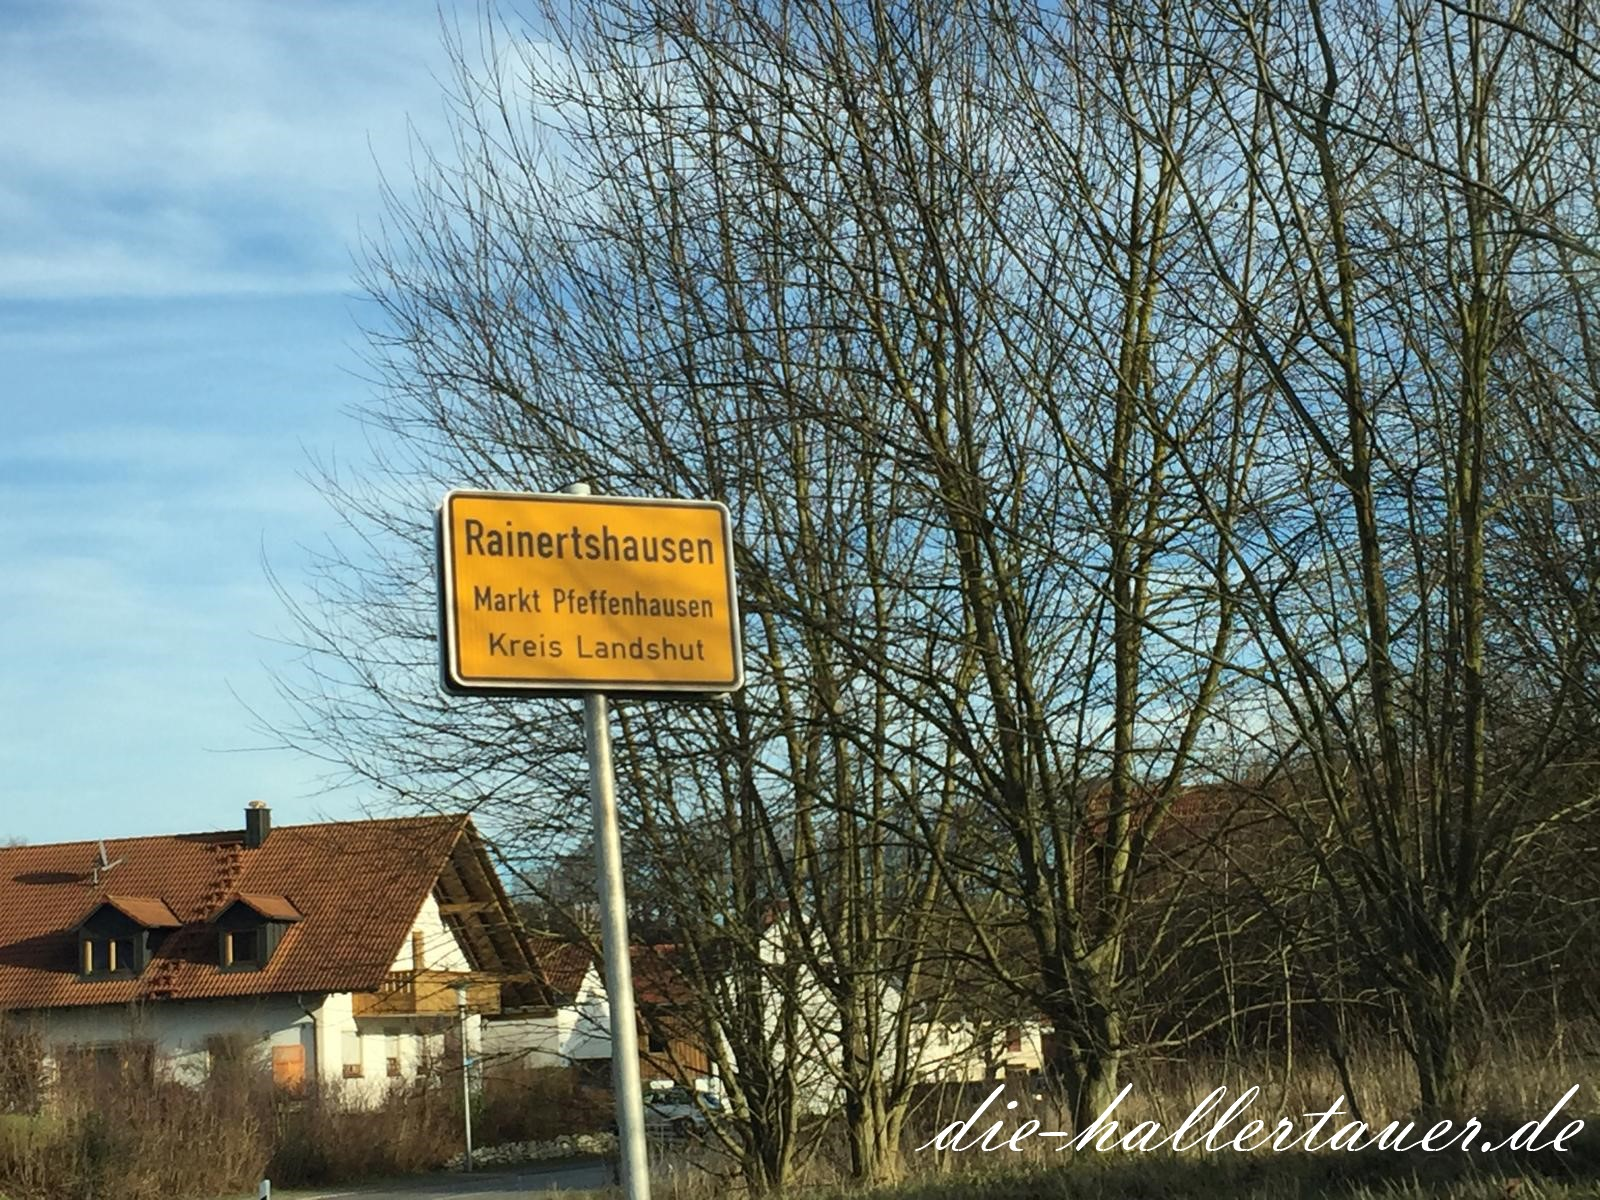 Rainertshausen